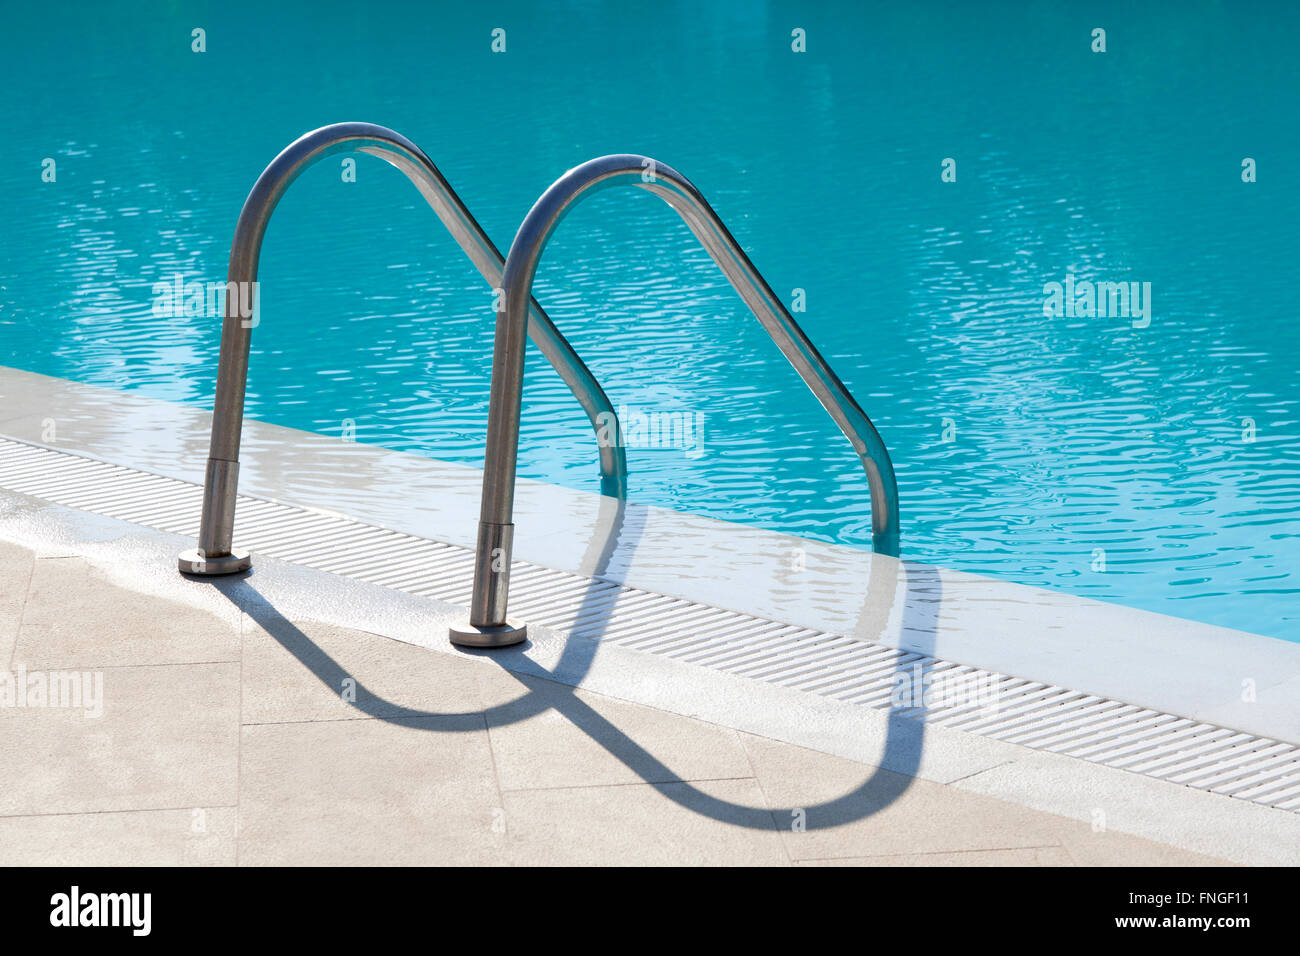 Metall Treppe ins Schwimmbad Stockbild